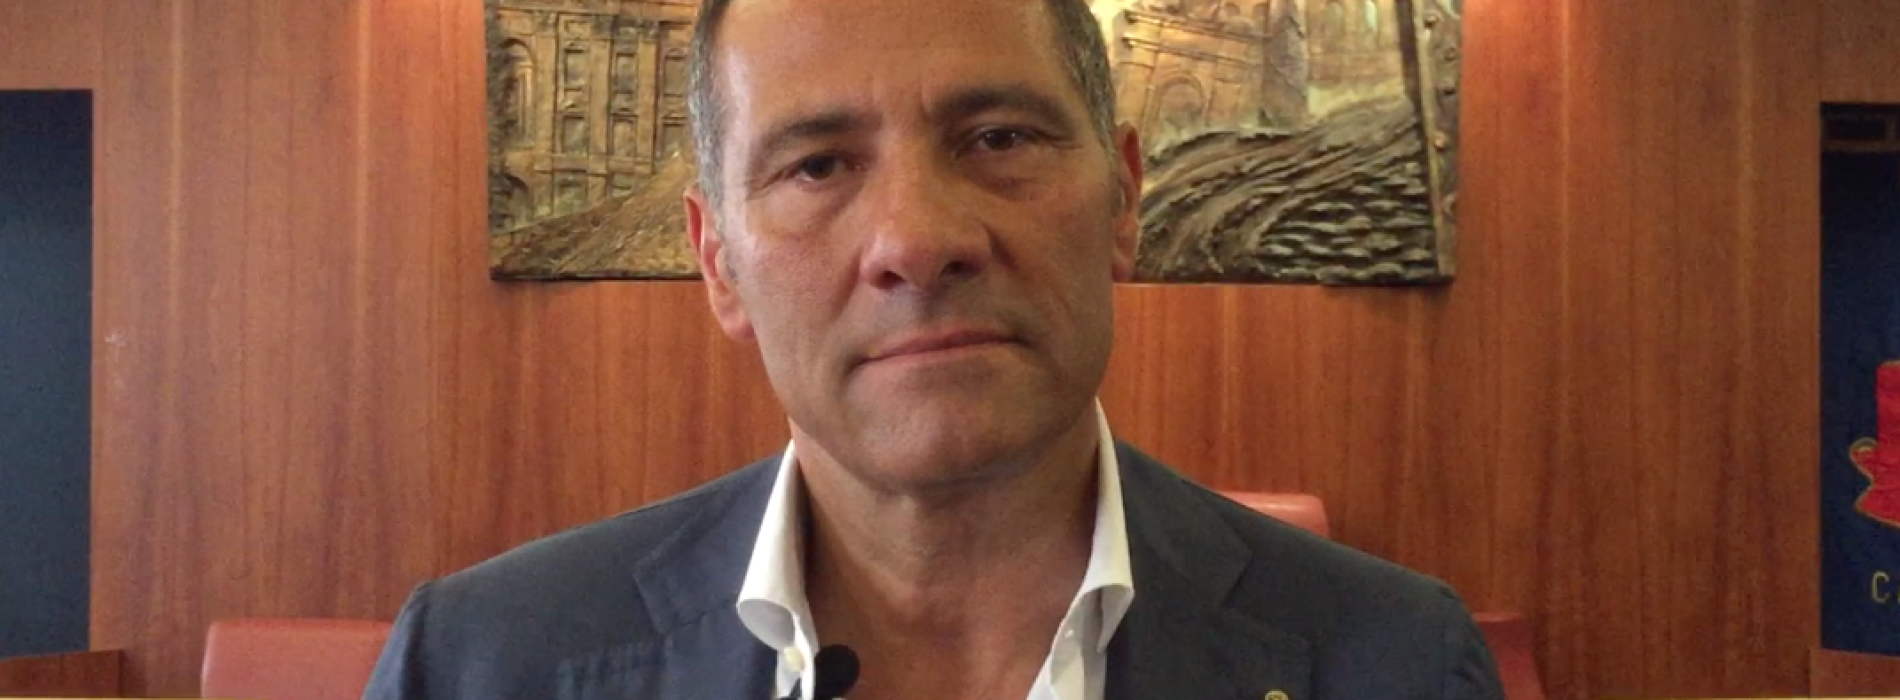 Moda 4.0, i corsi al Belvedere. Carlo Palmieri, presidente Fondazione ITS